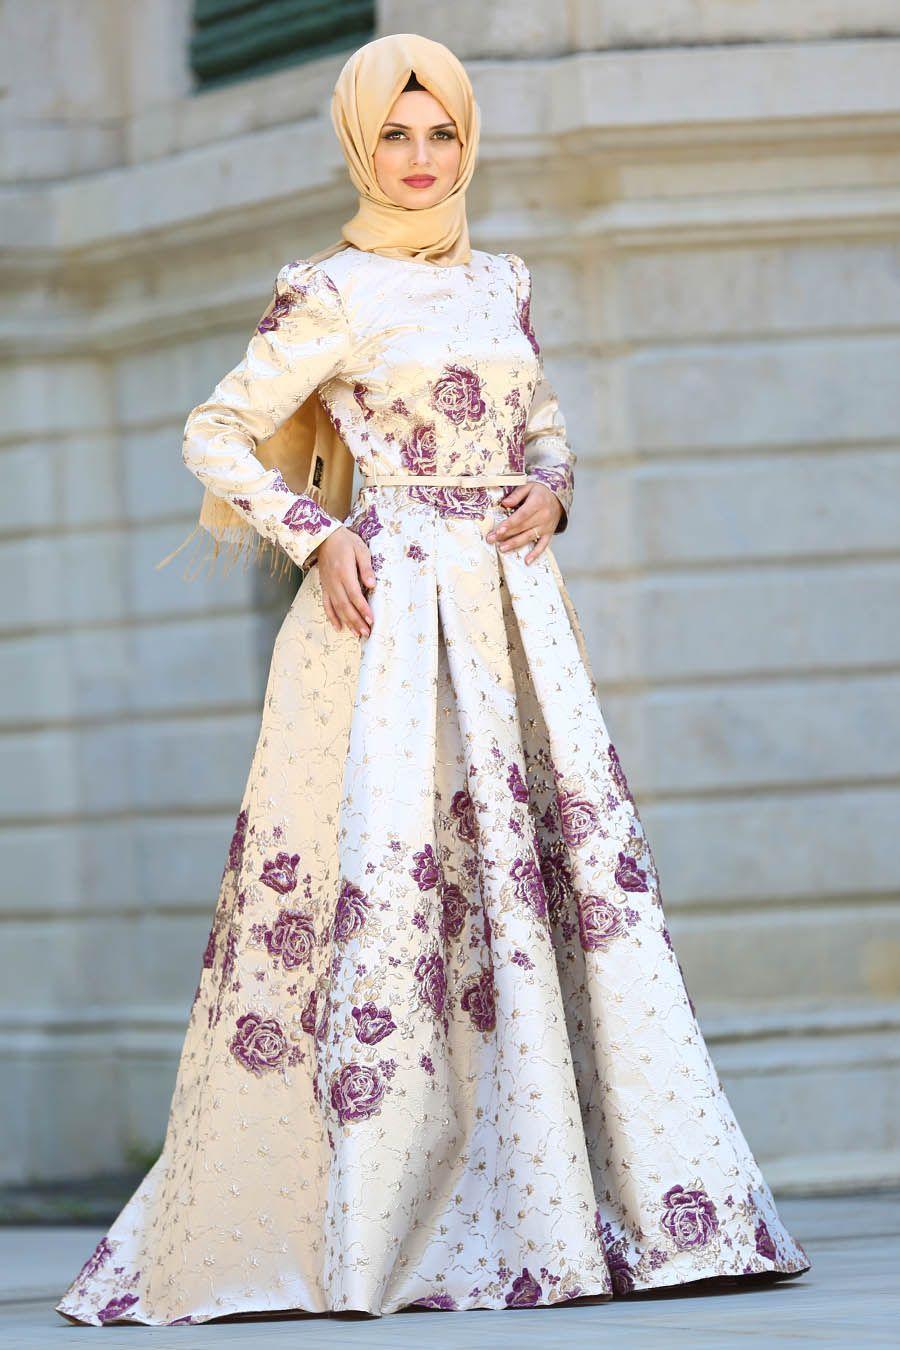 2018 Yeni Sezon Abiye Koleksiyonu Tesetturlu Abiye Elbise Cicek Desenli Ekru Tesettur Abiye Elbise 4496e Evening Dresses Dresses Muslim Dress